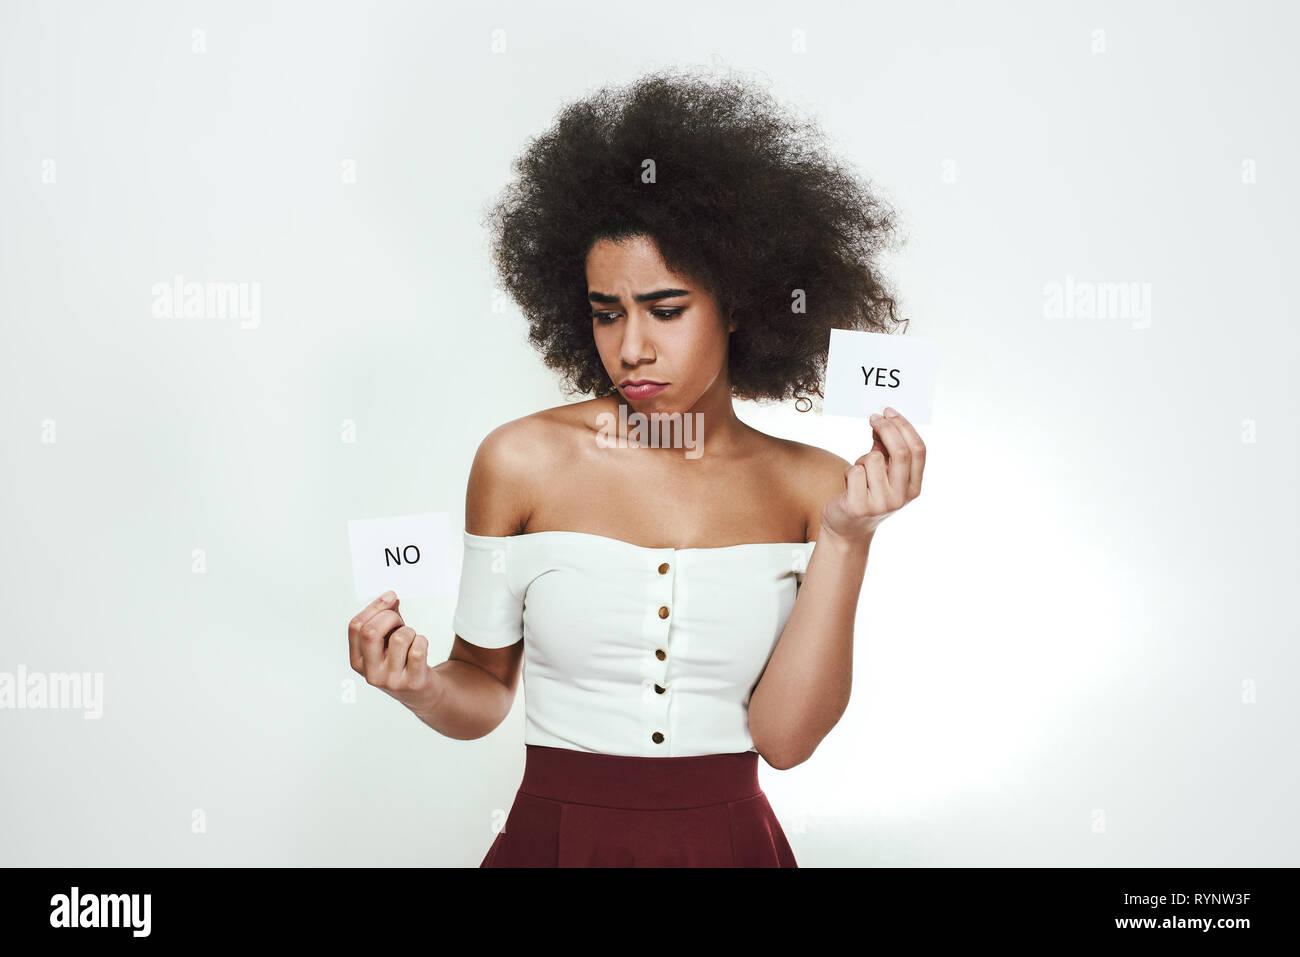 No estoy seguro...confundido joven afro americana mujer sosteniendo los papeles con el sí y el no sobre ellos y pensar mientras está de pie contra un fondo gris. Duda de concepto. Proceso de pensamiento Imagen De Stock